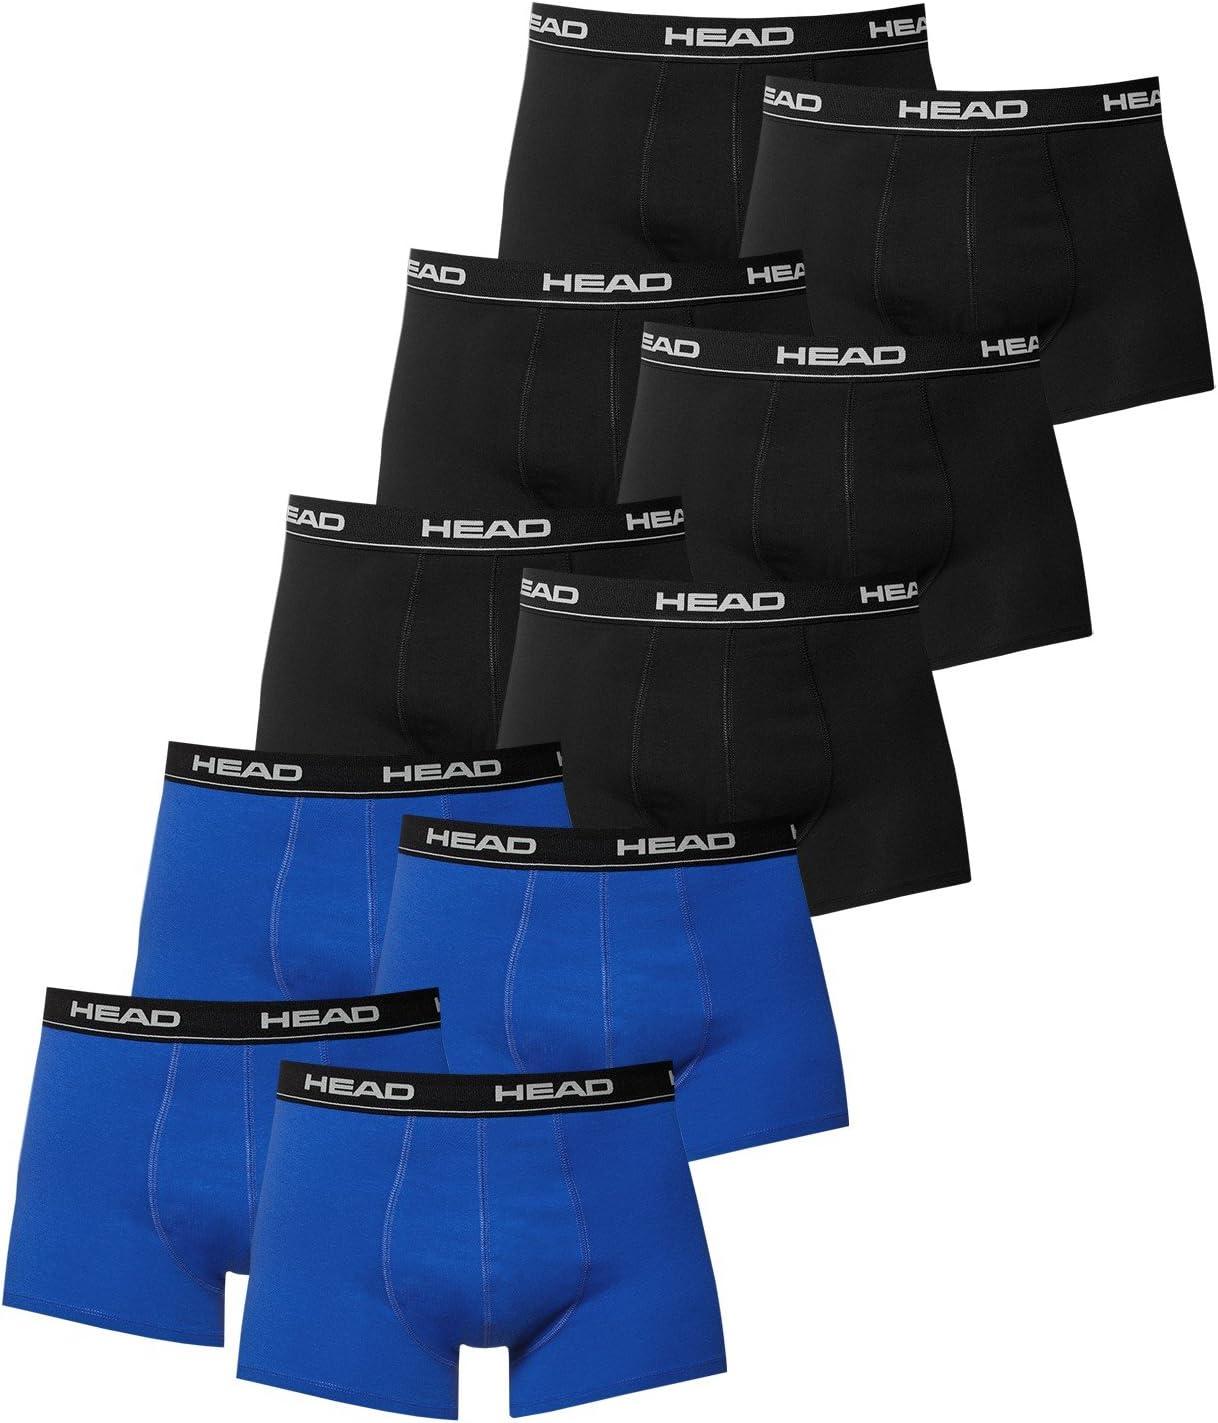 pacco da 10 pezzi Head uomo boxer intimo in diversi colori